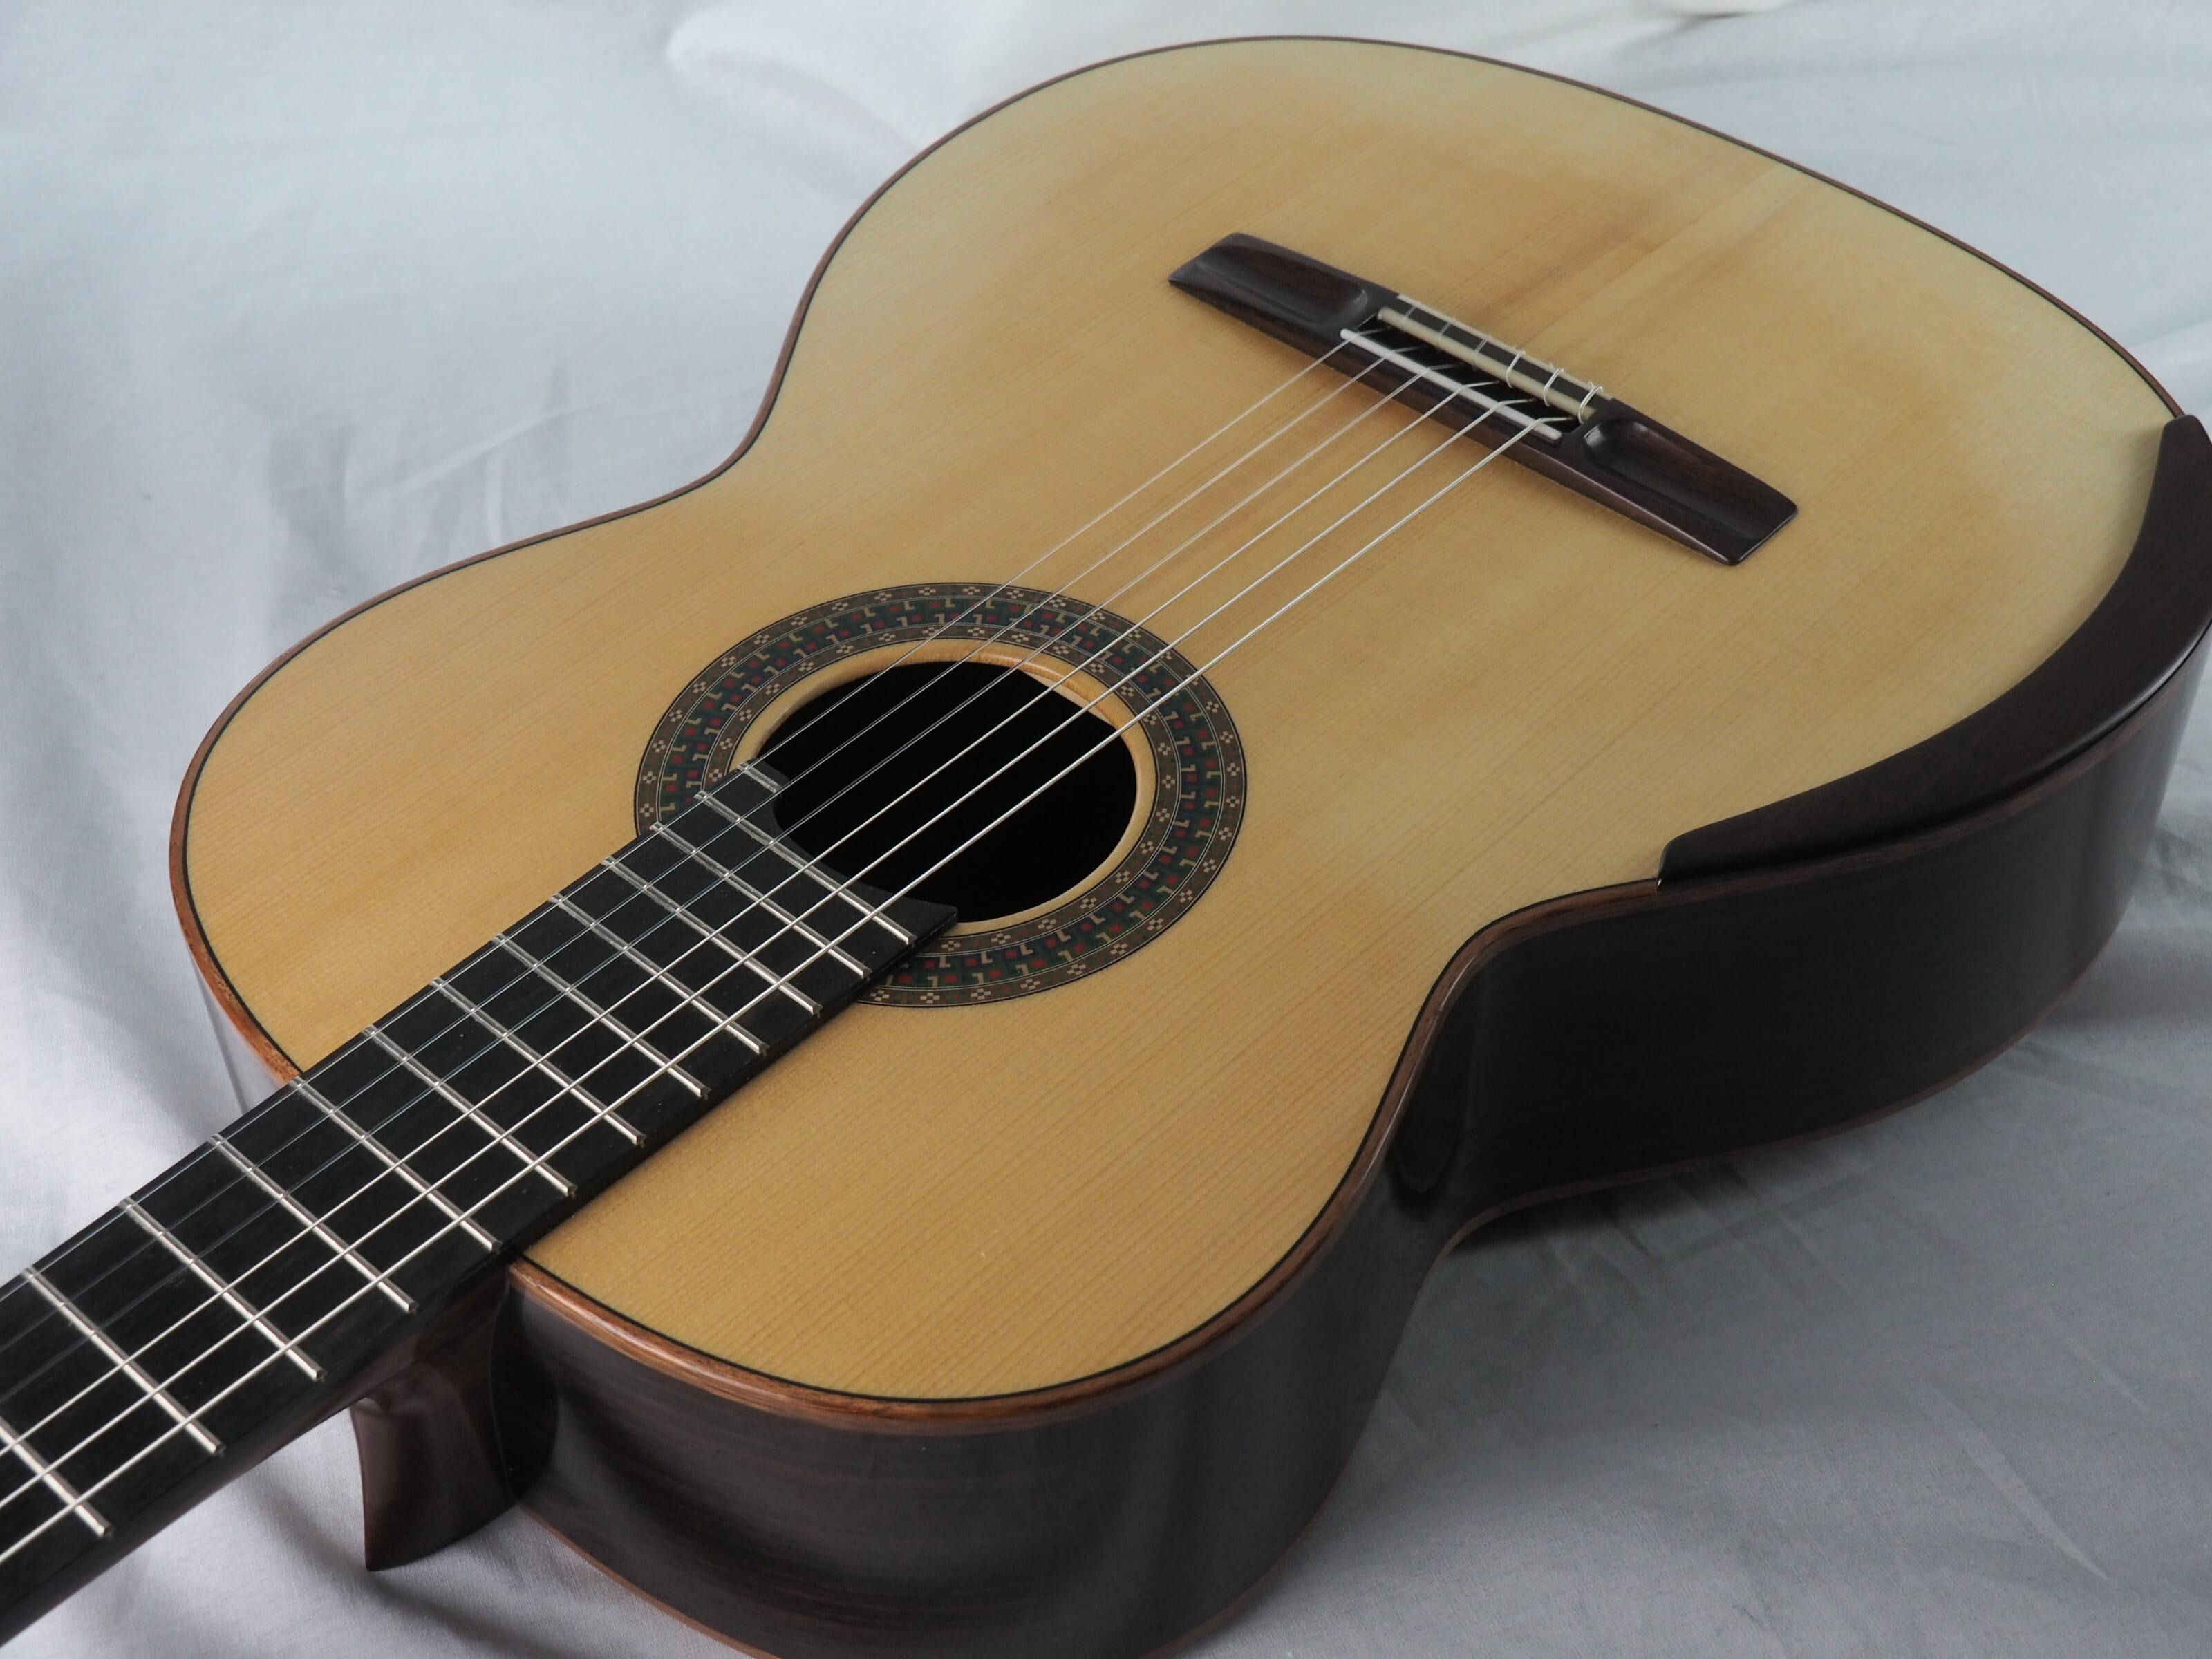 Luthier Simon Marty guitare classique 2019 19MAR019-01